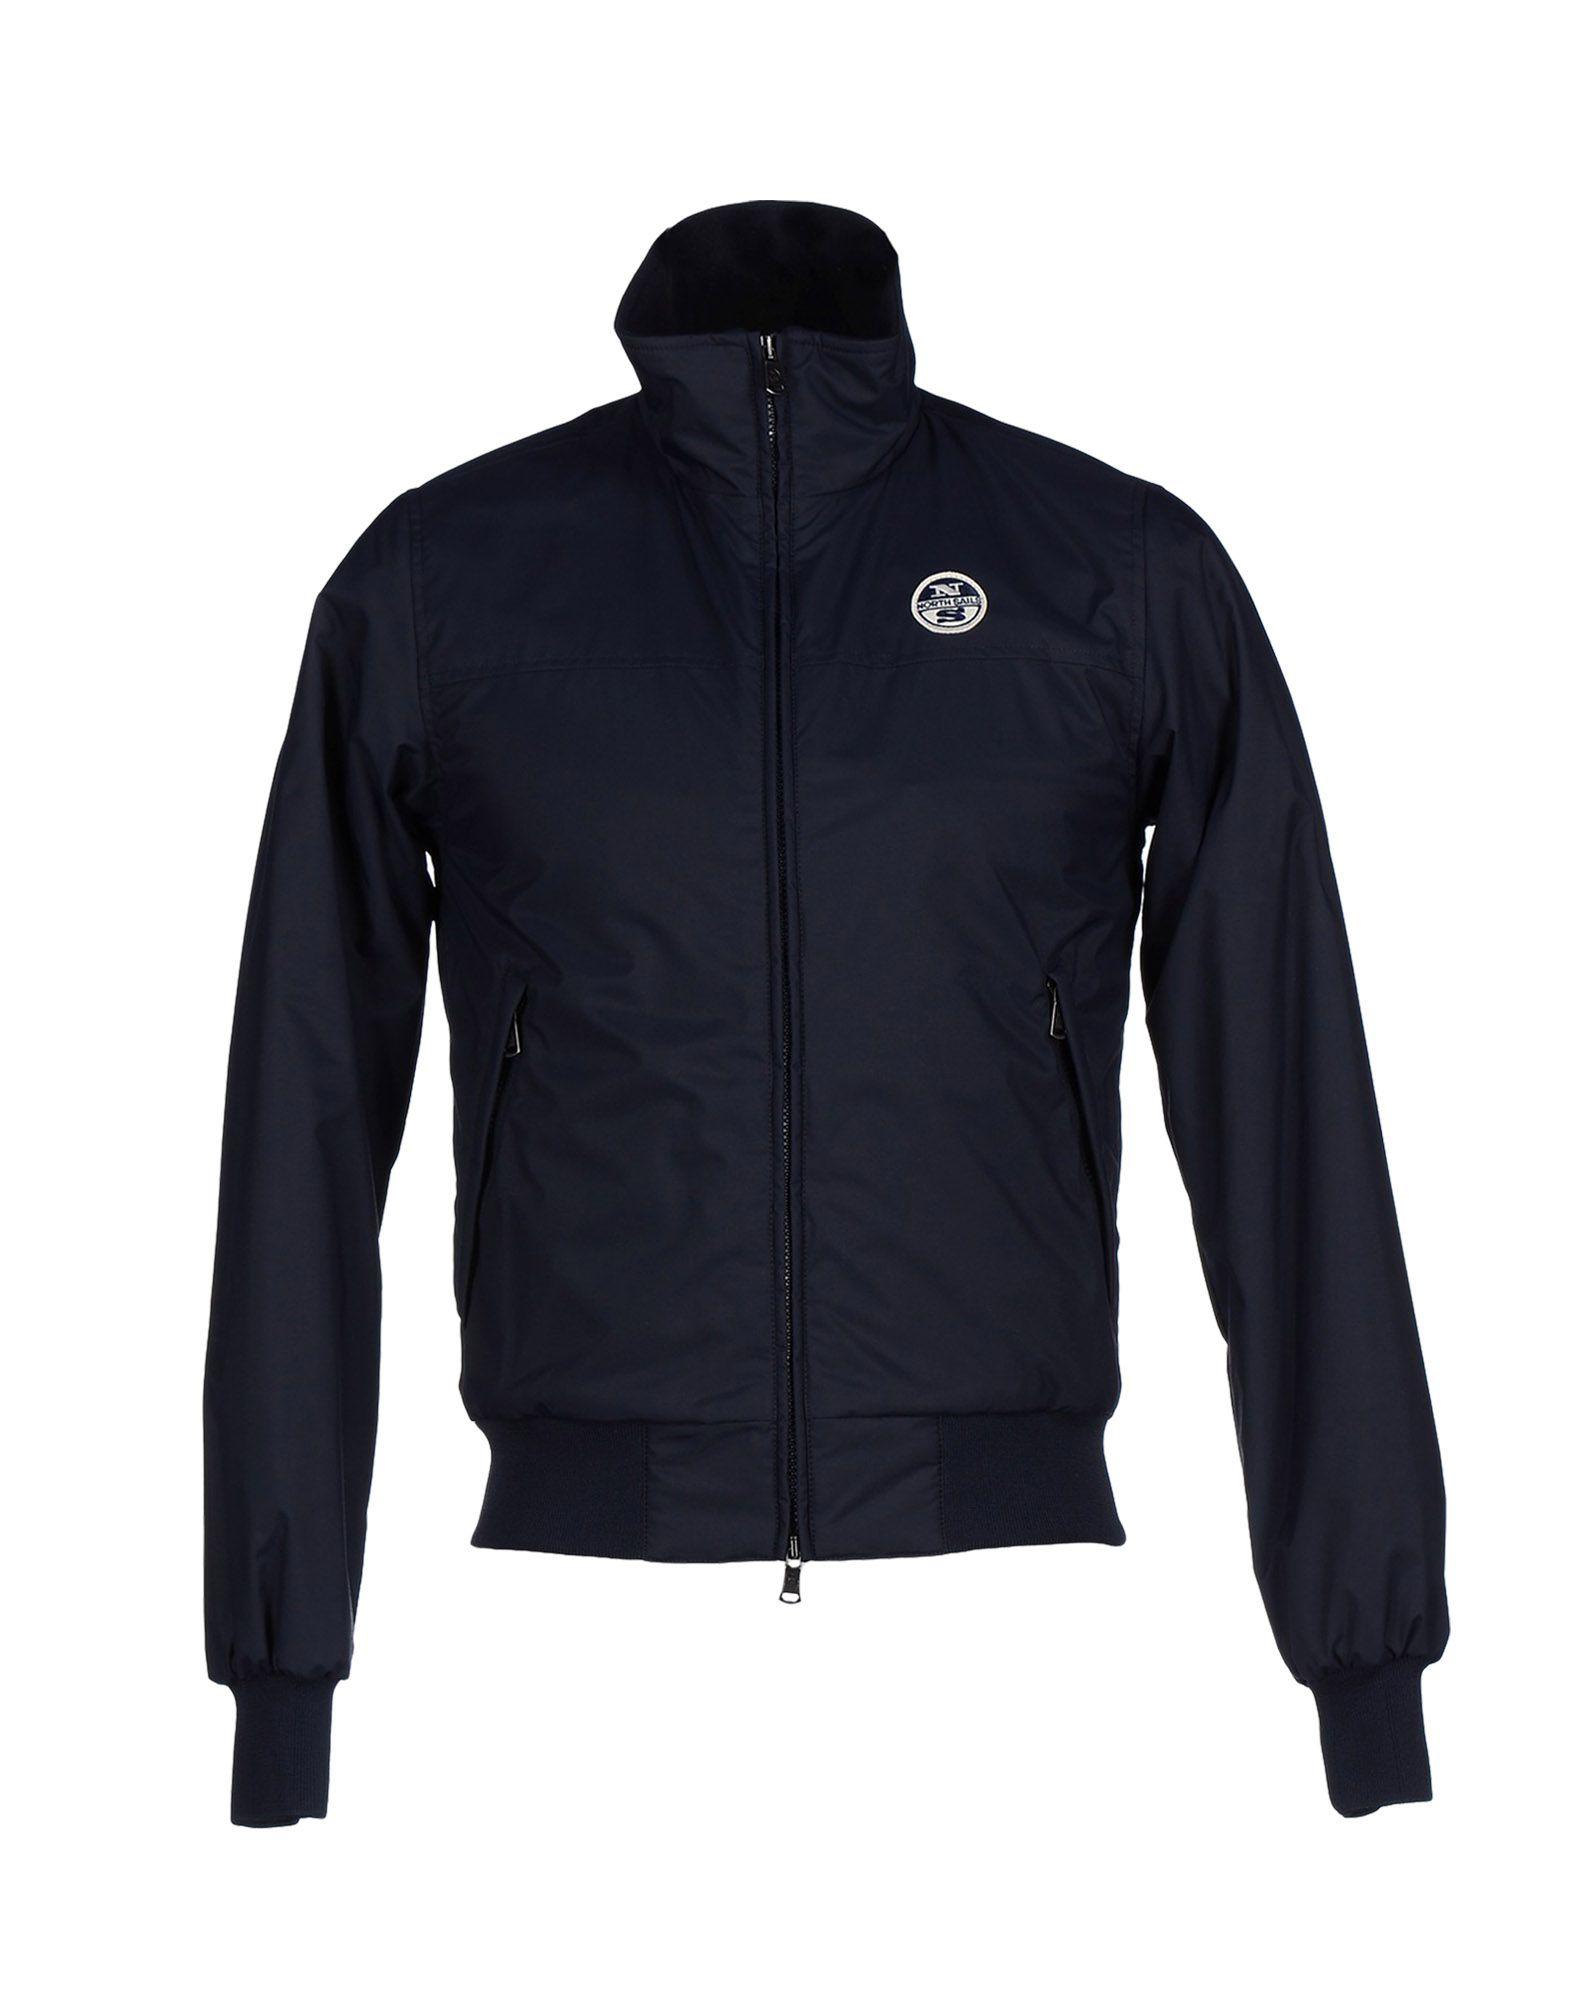 North sails Jacket in Blue for Men